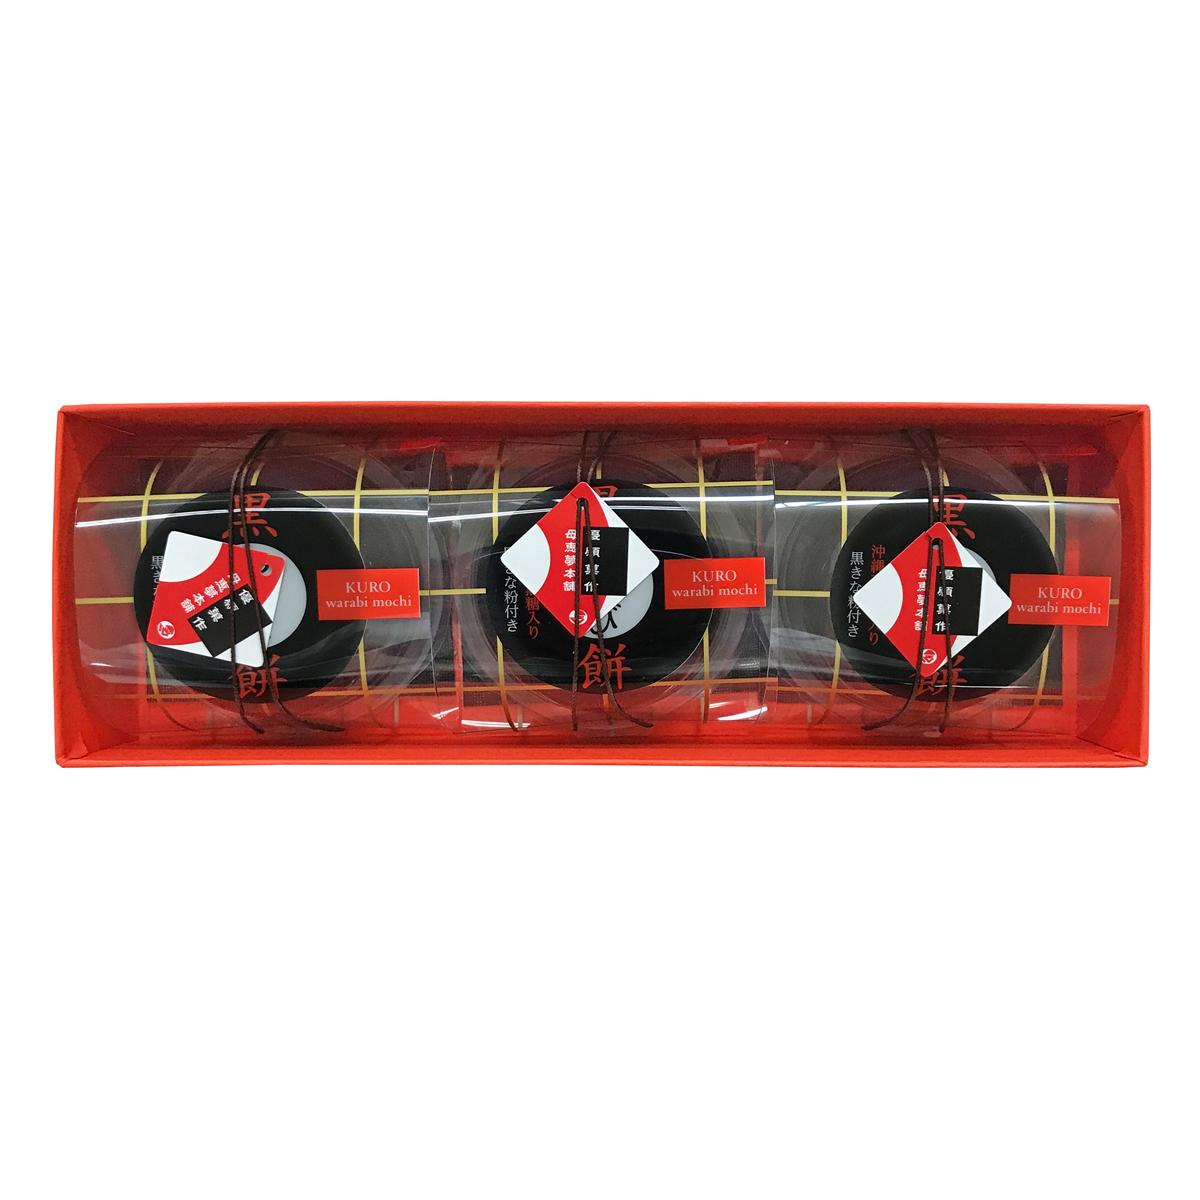 黒わらび餅 3個入箱